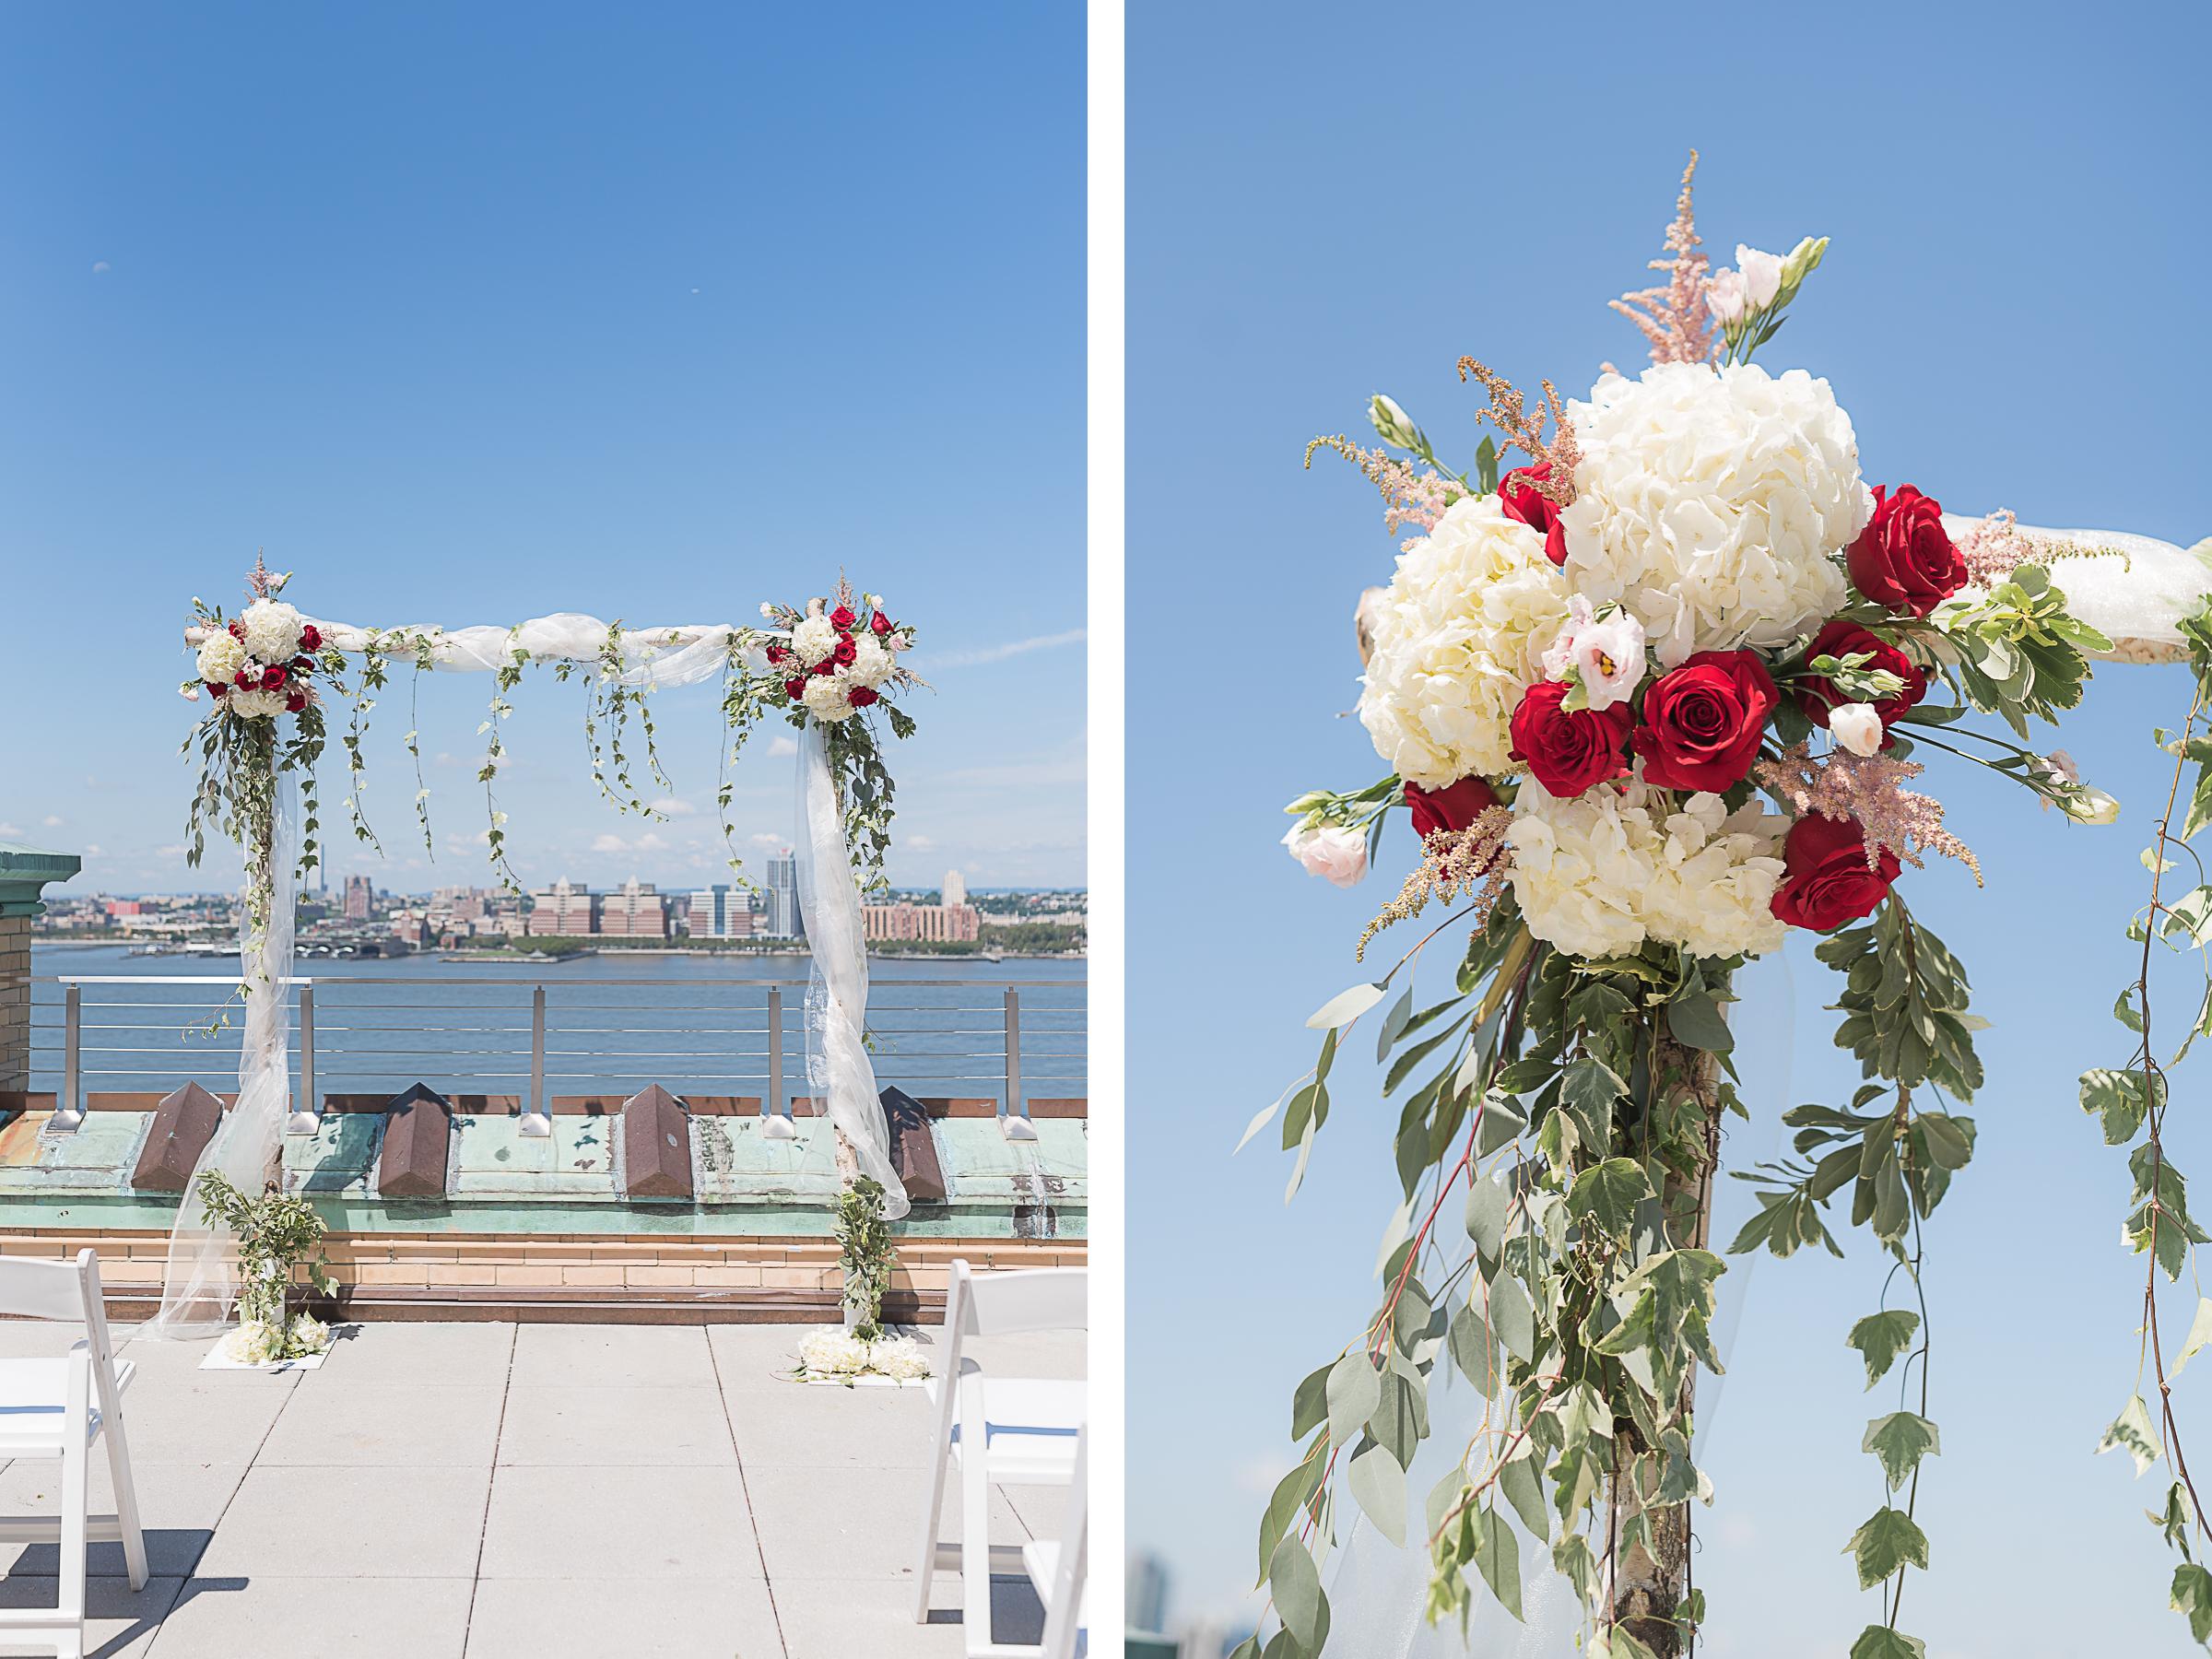 NYC-Ramscale-Wedding-Ceremony-Flower-Birch-Arch.jpg